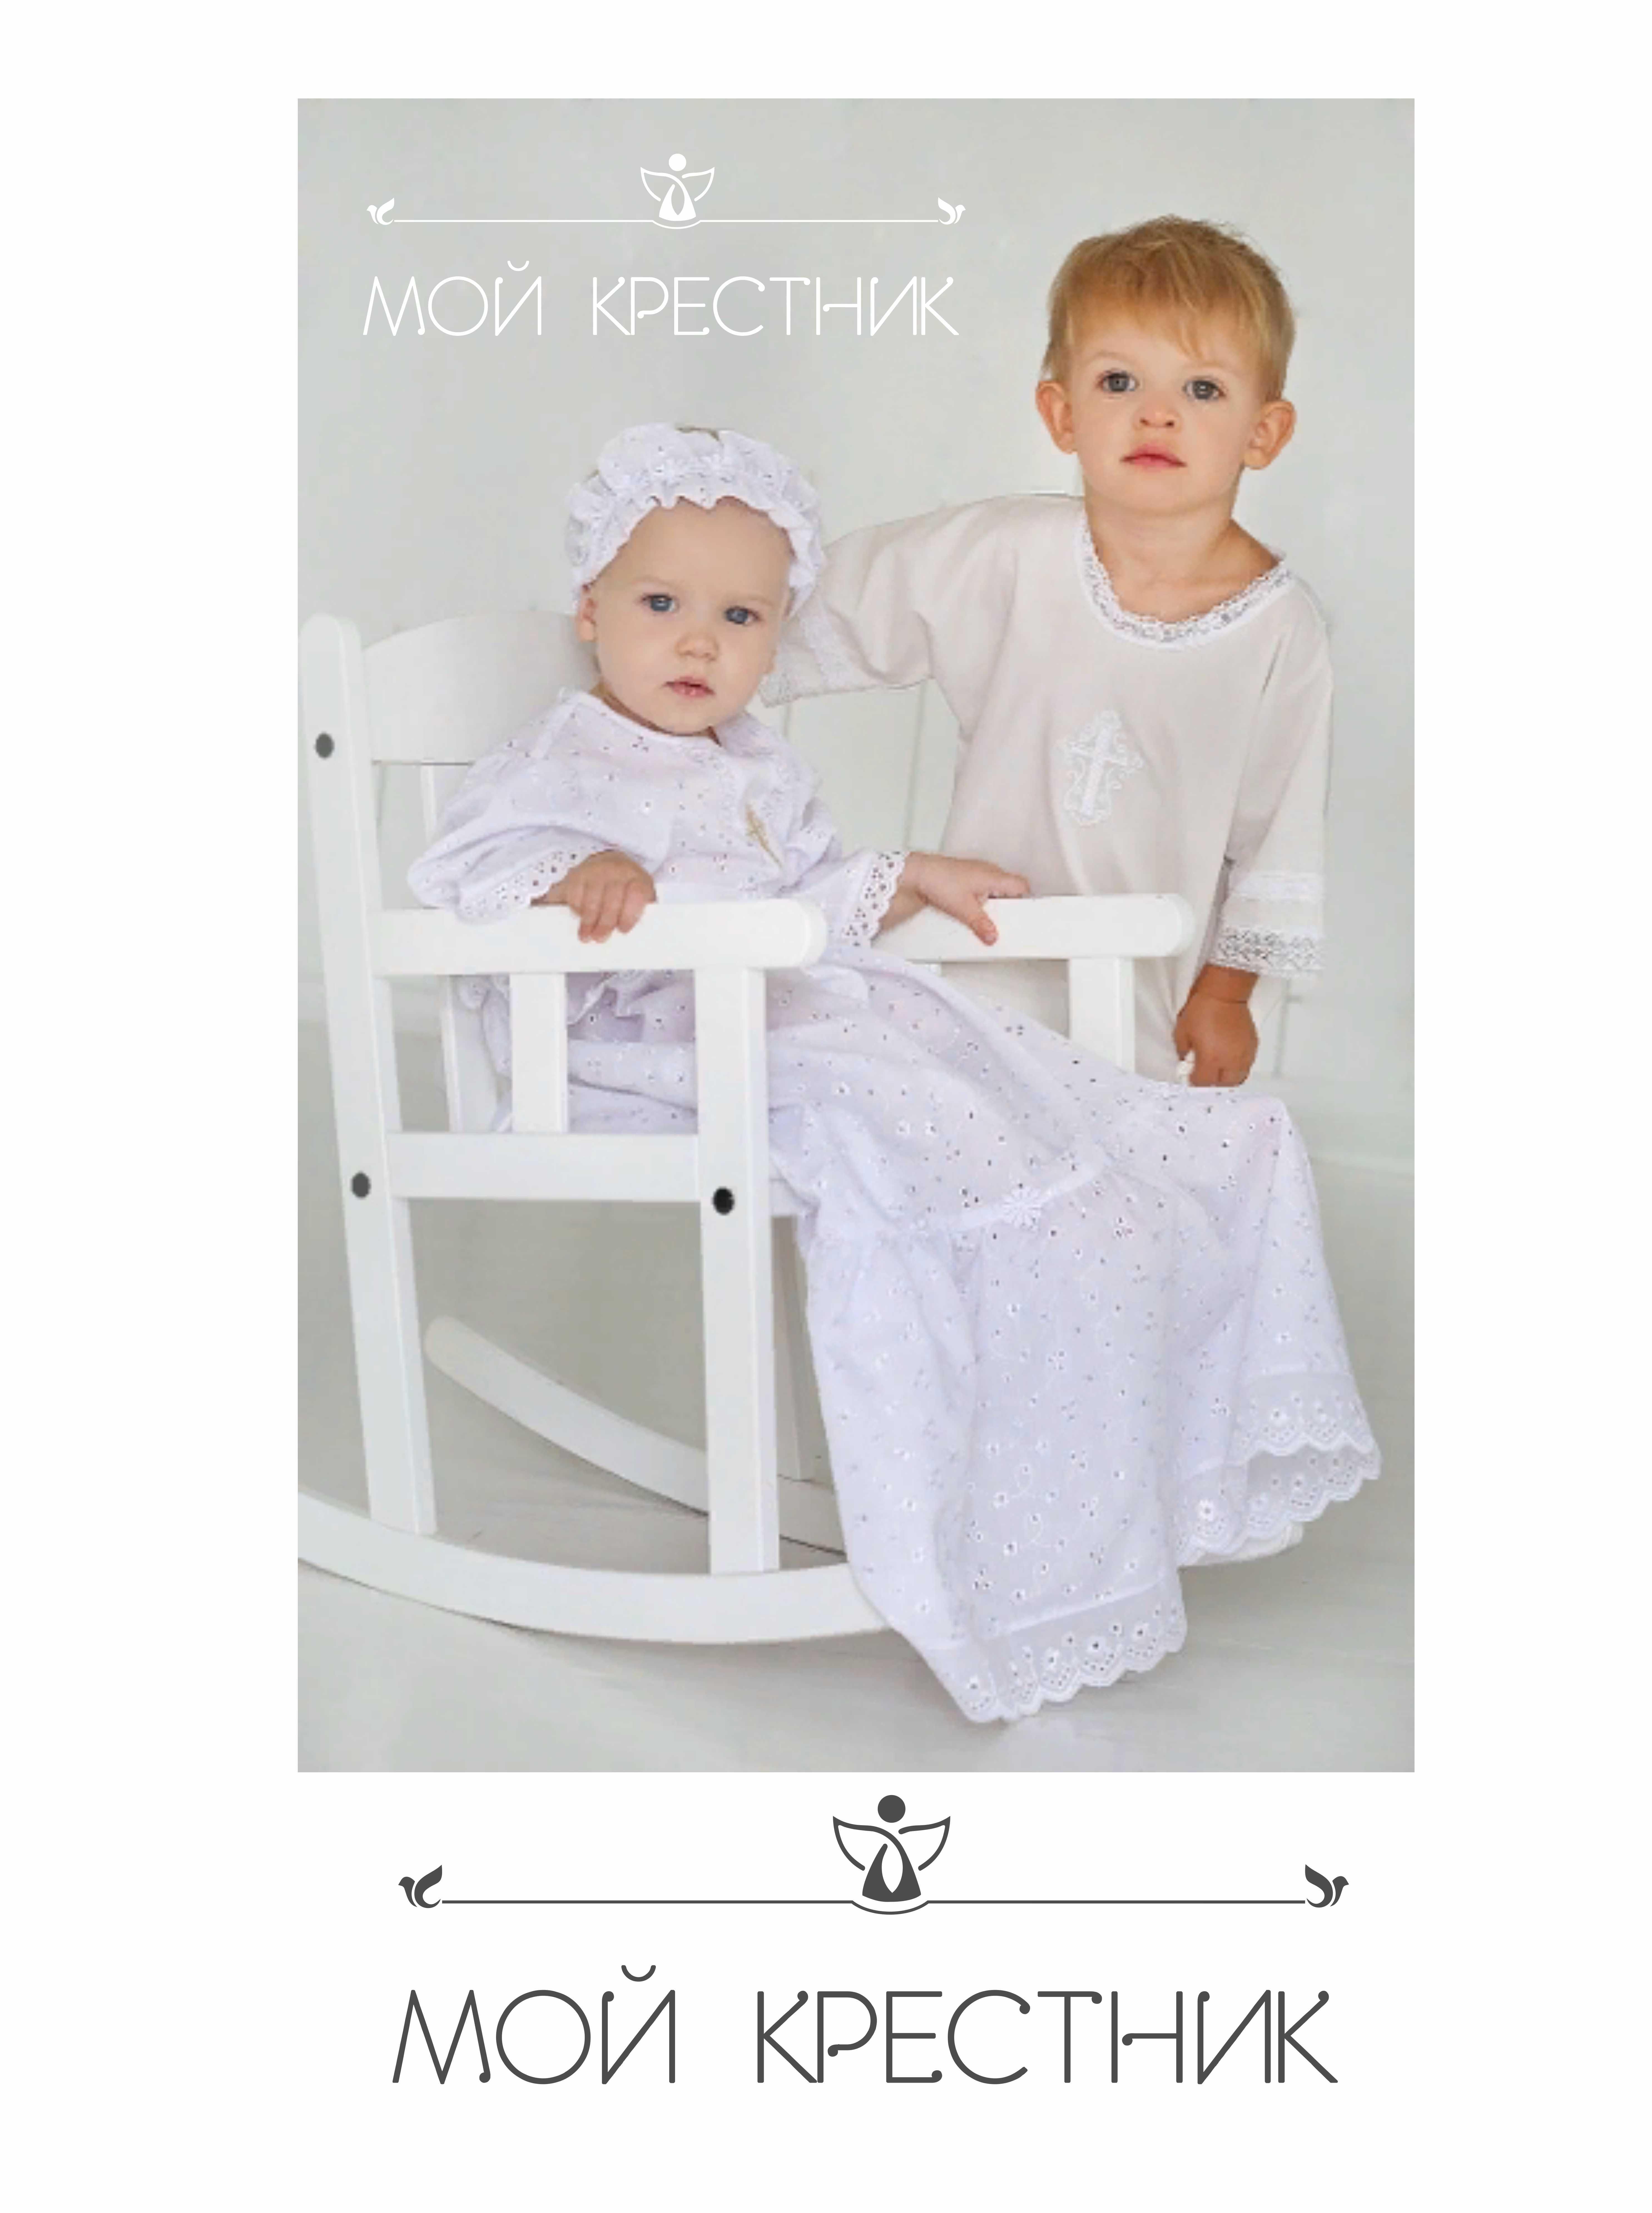 Логотип для крестильной одежды(детской). фото f_6545d570d68c54af.jpg